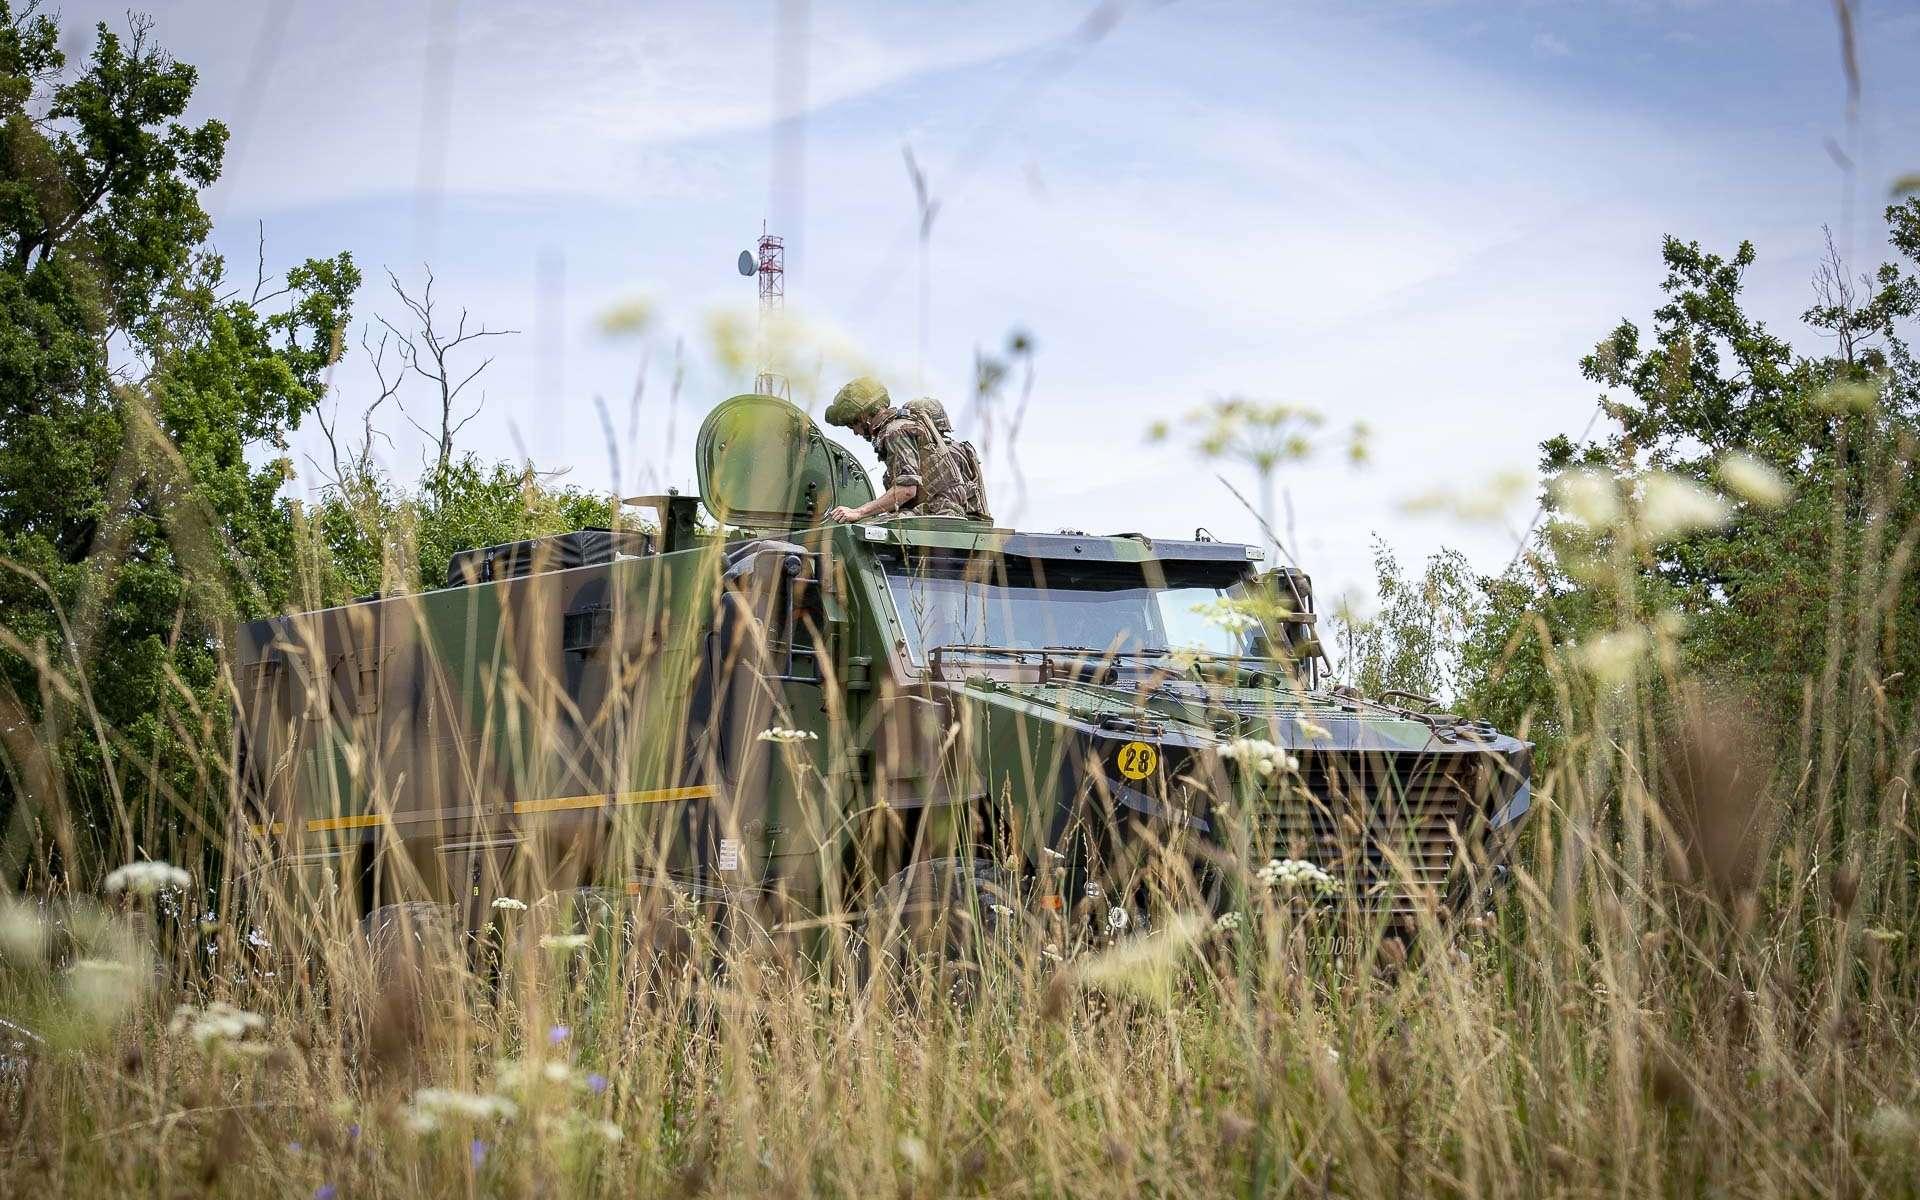 Le ministère des Armées s'implique dans la sauvegarde de la biodiversité. © Erwan RABOT, ministère des Armées